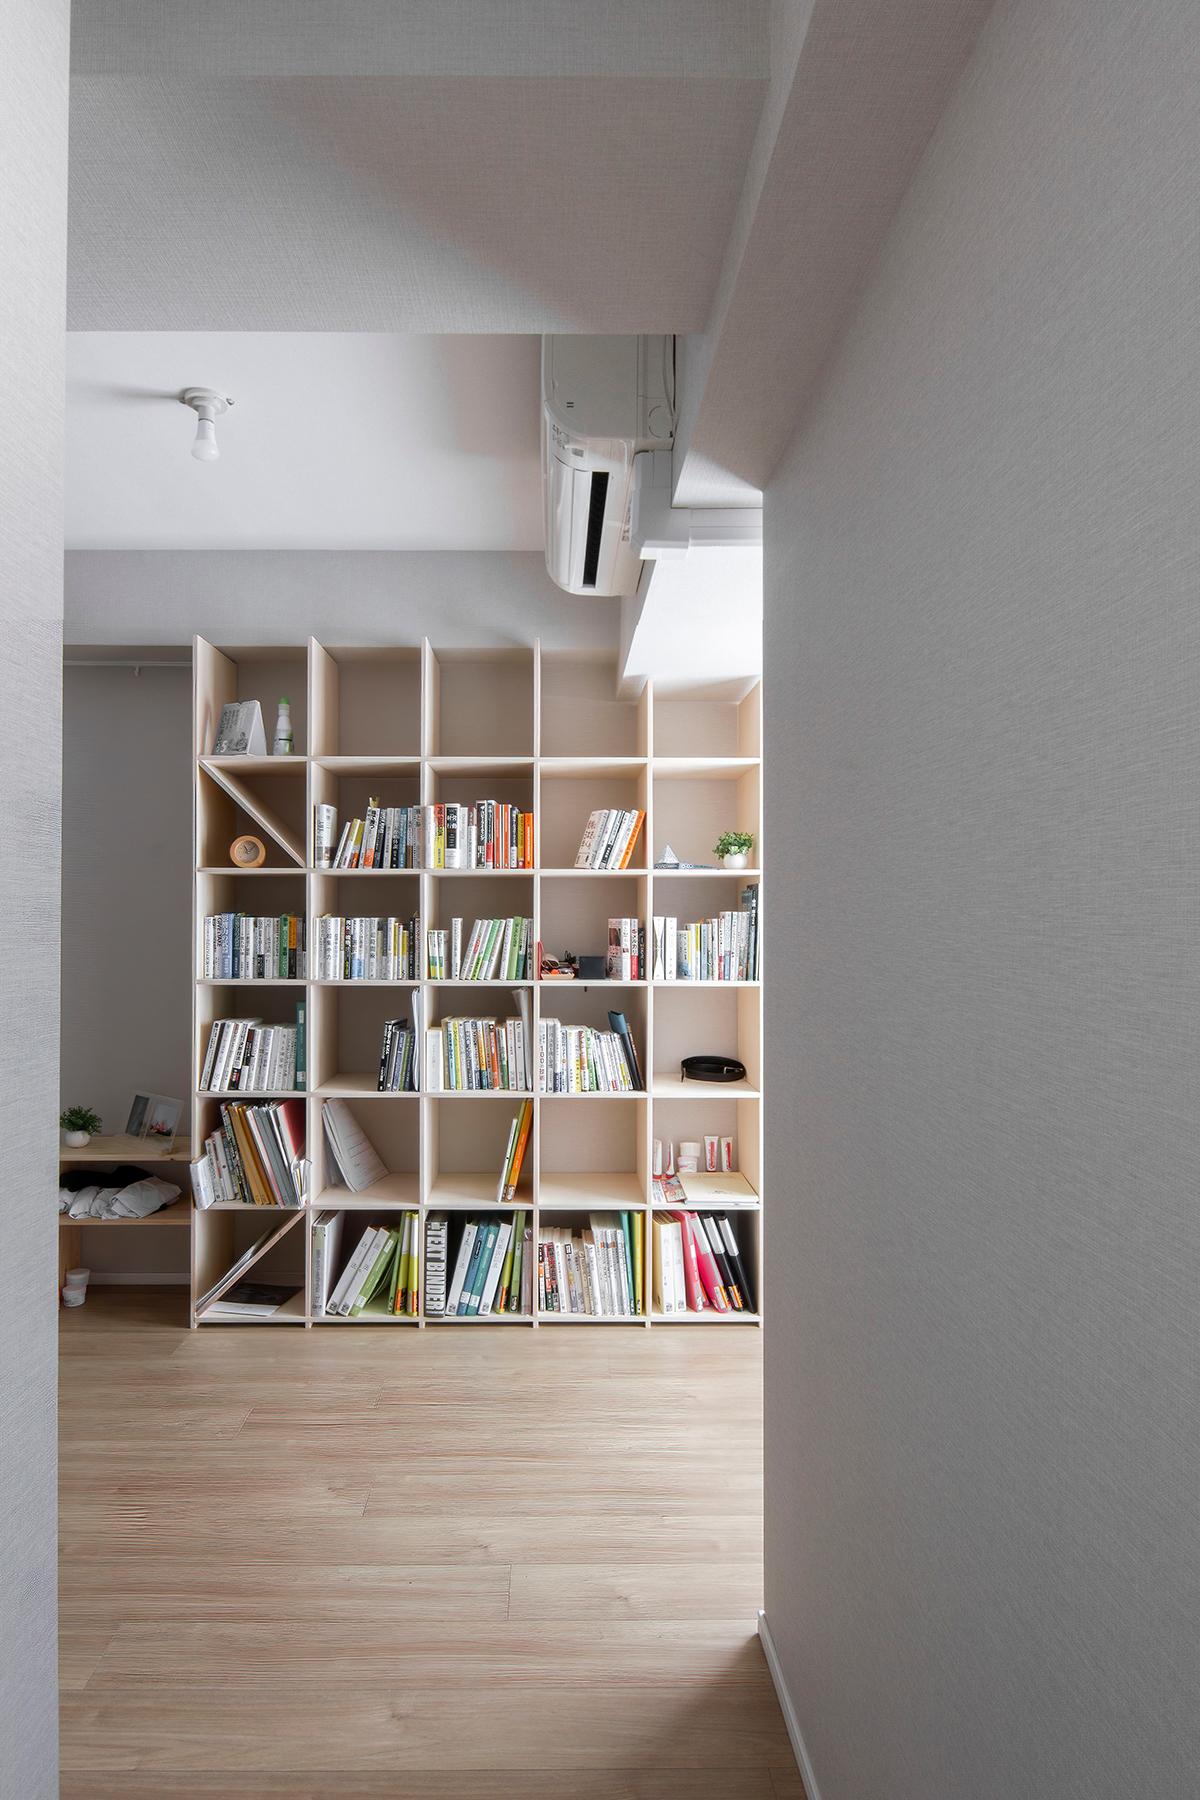 壁一面の本棚と並行にスタンディングデスク